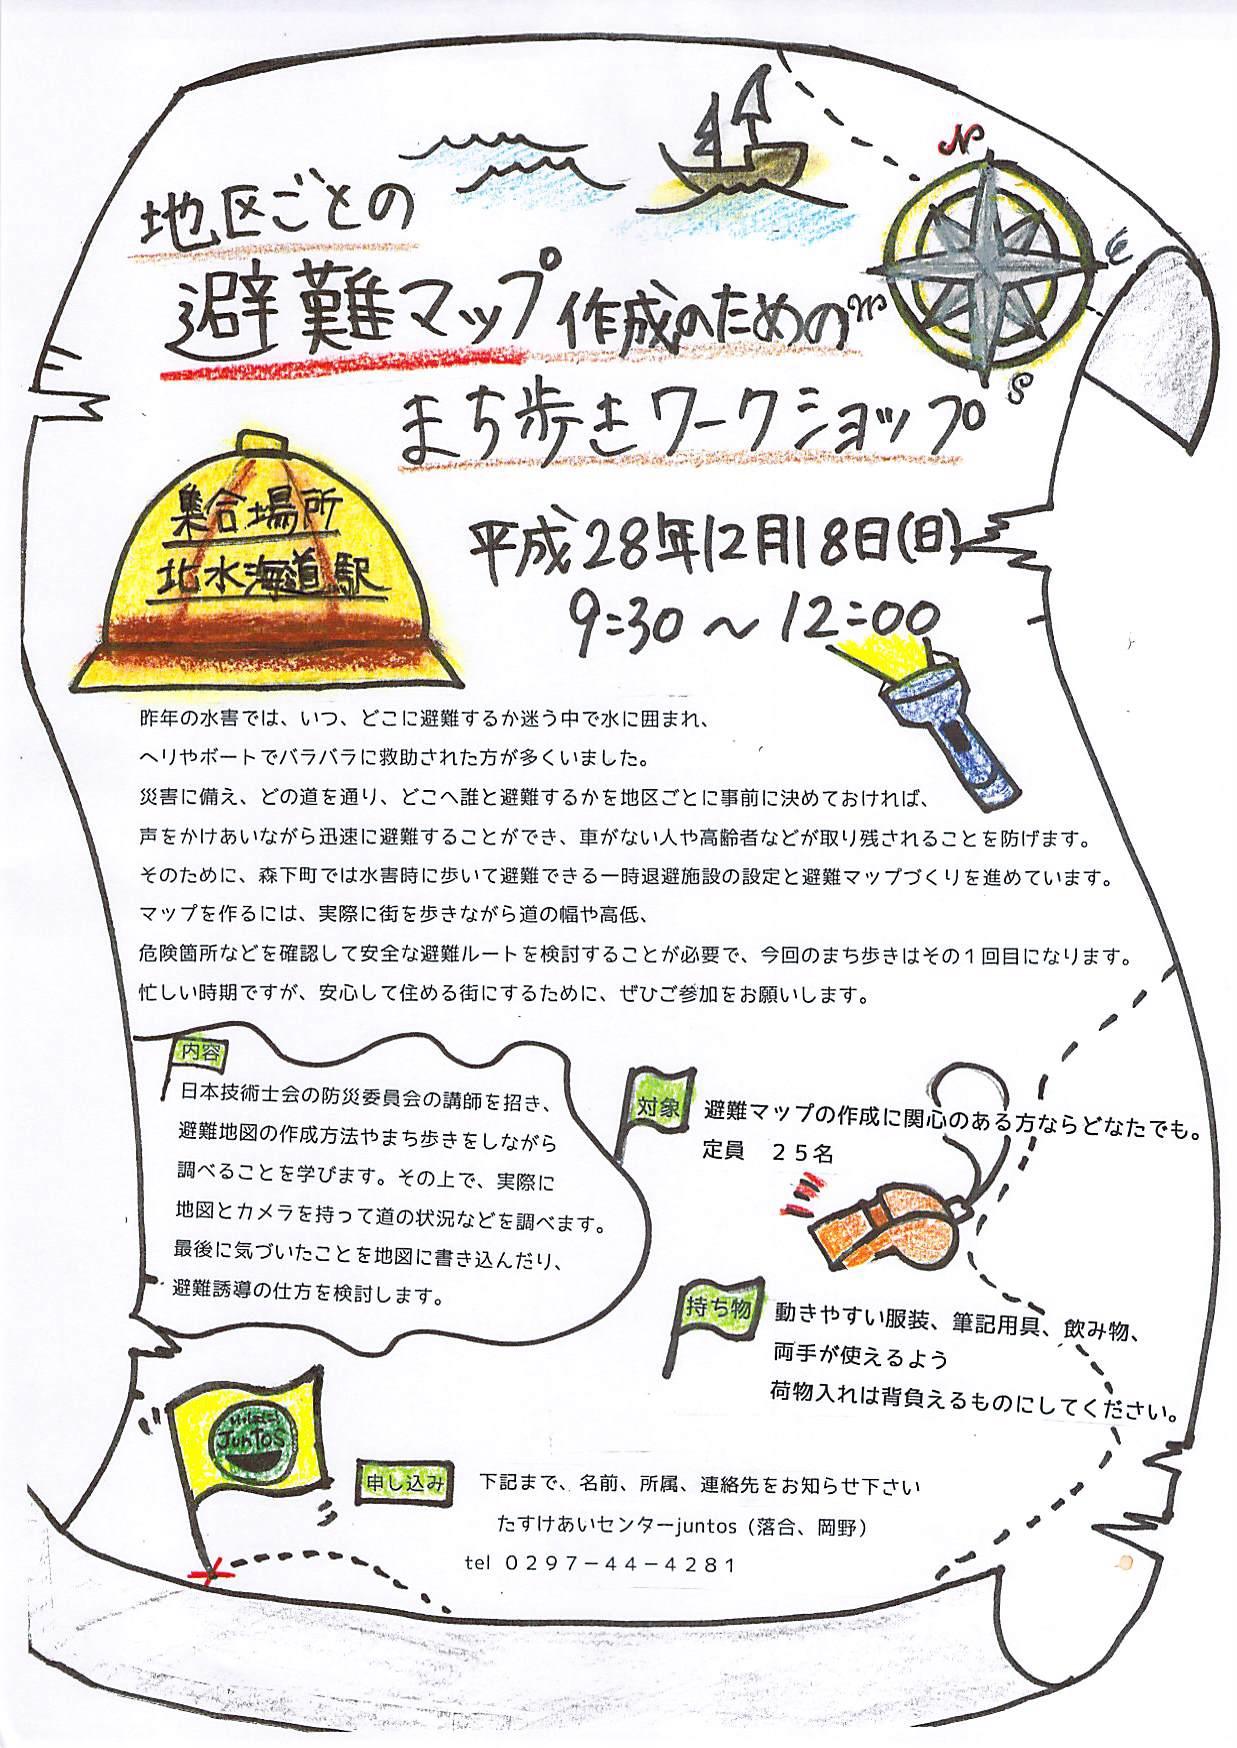 chiku-hinan-map.jpg